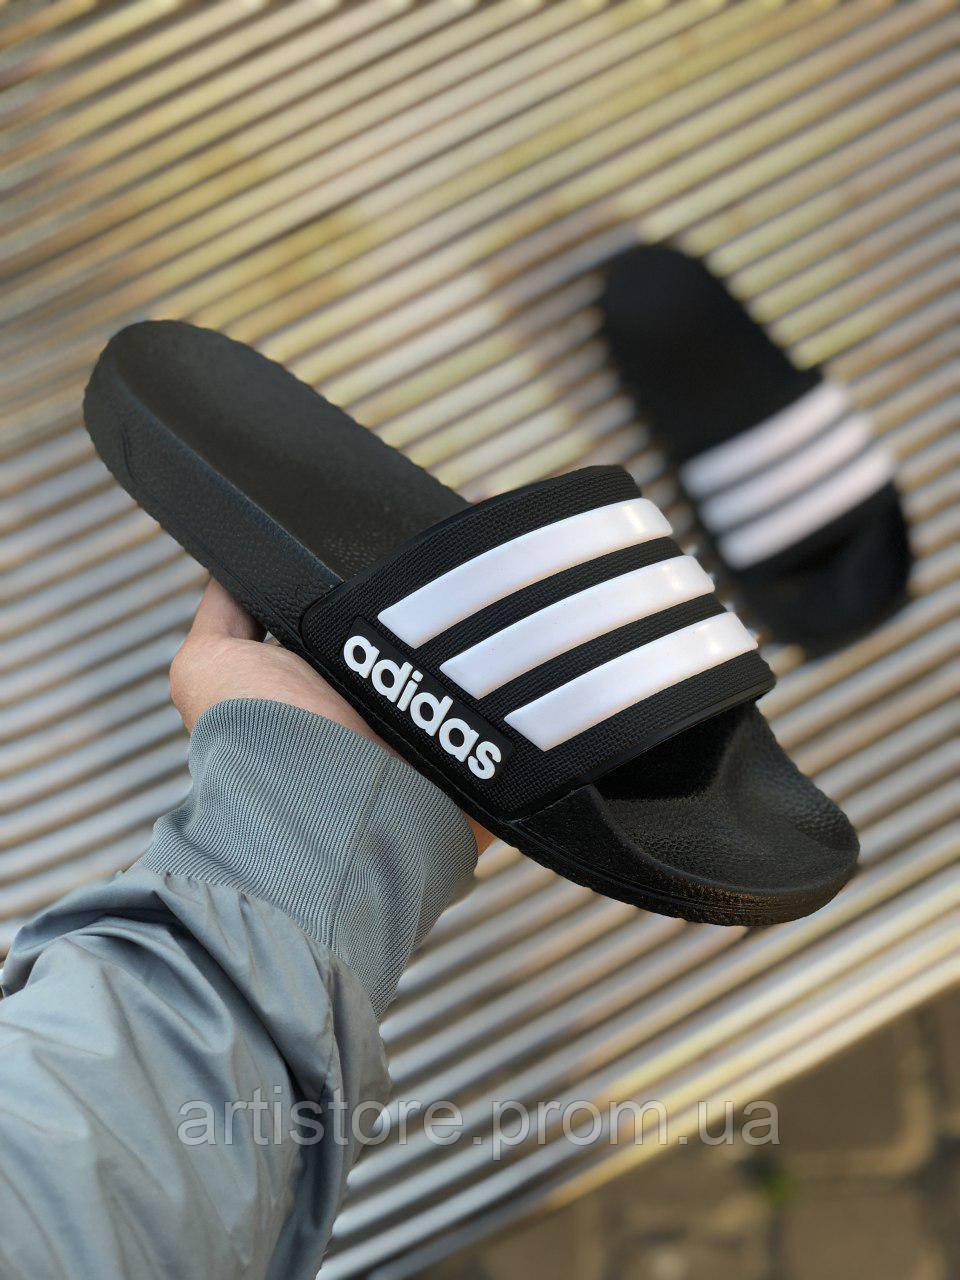 Сланцы Adidas Adilette Black with white Черные с белым